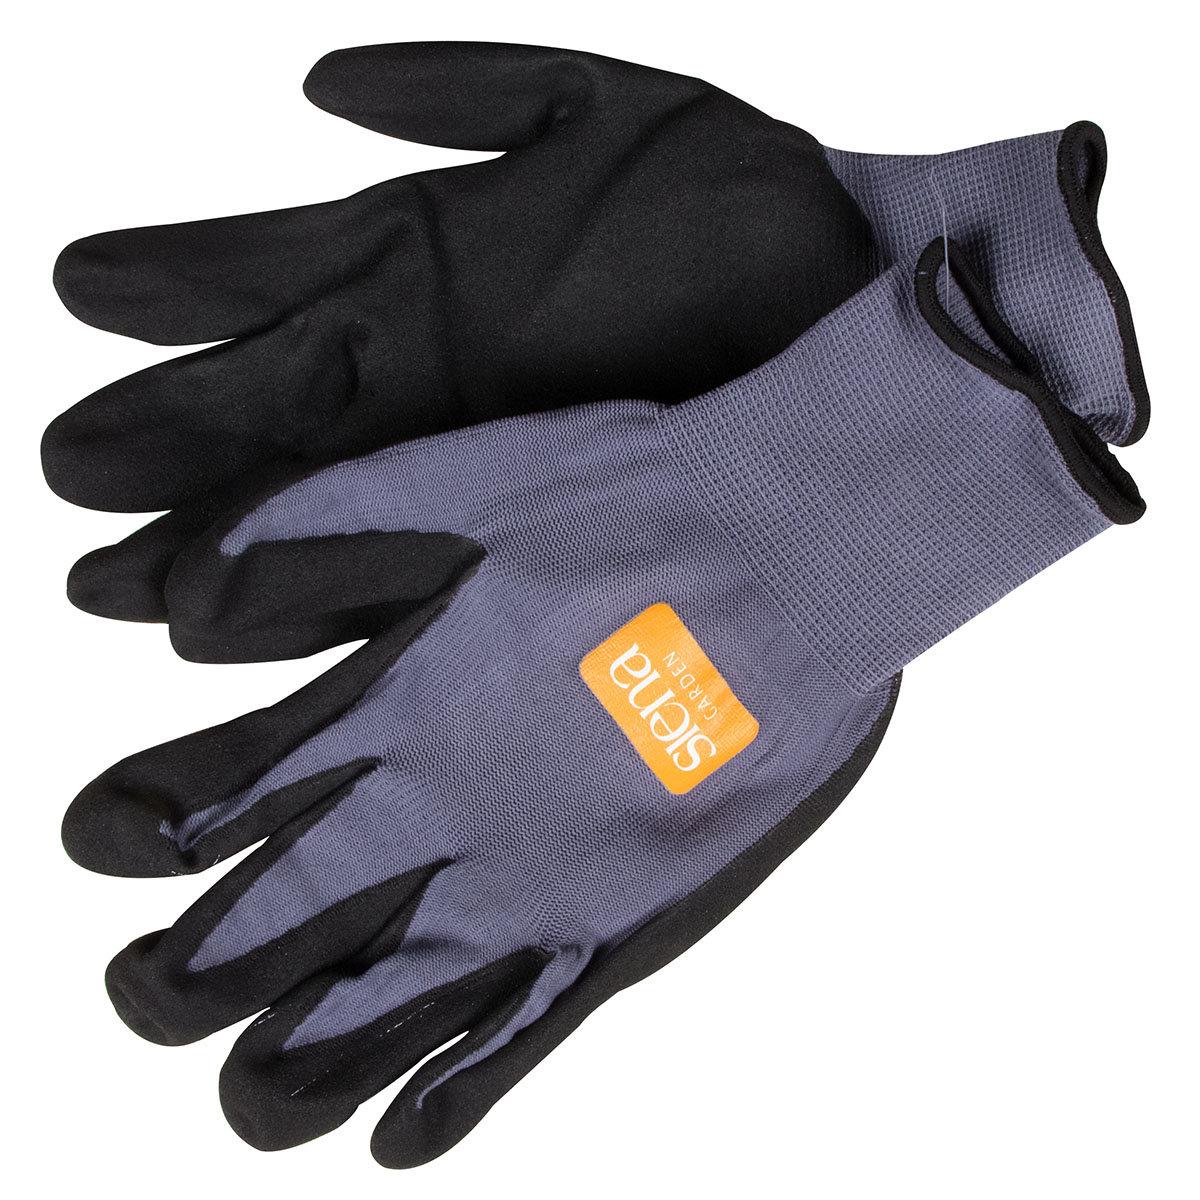 Handschuh SuperFlex, Größe 10